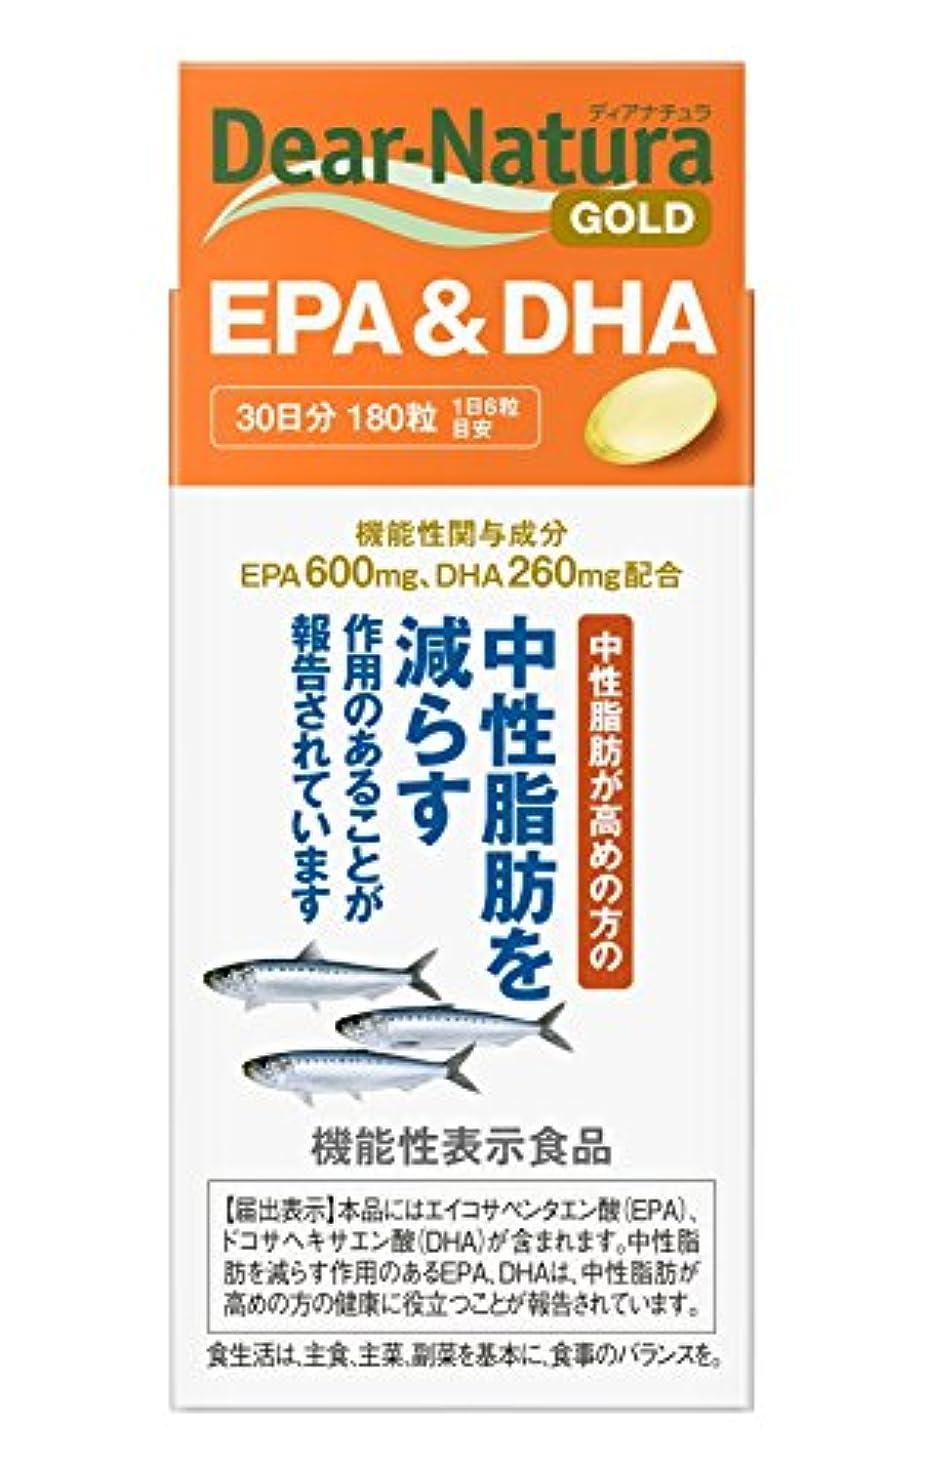 ドア大使ポインタディアナチュラゴールド EPA&DHA 30日分 180粒 [機能性表示食品]